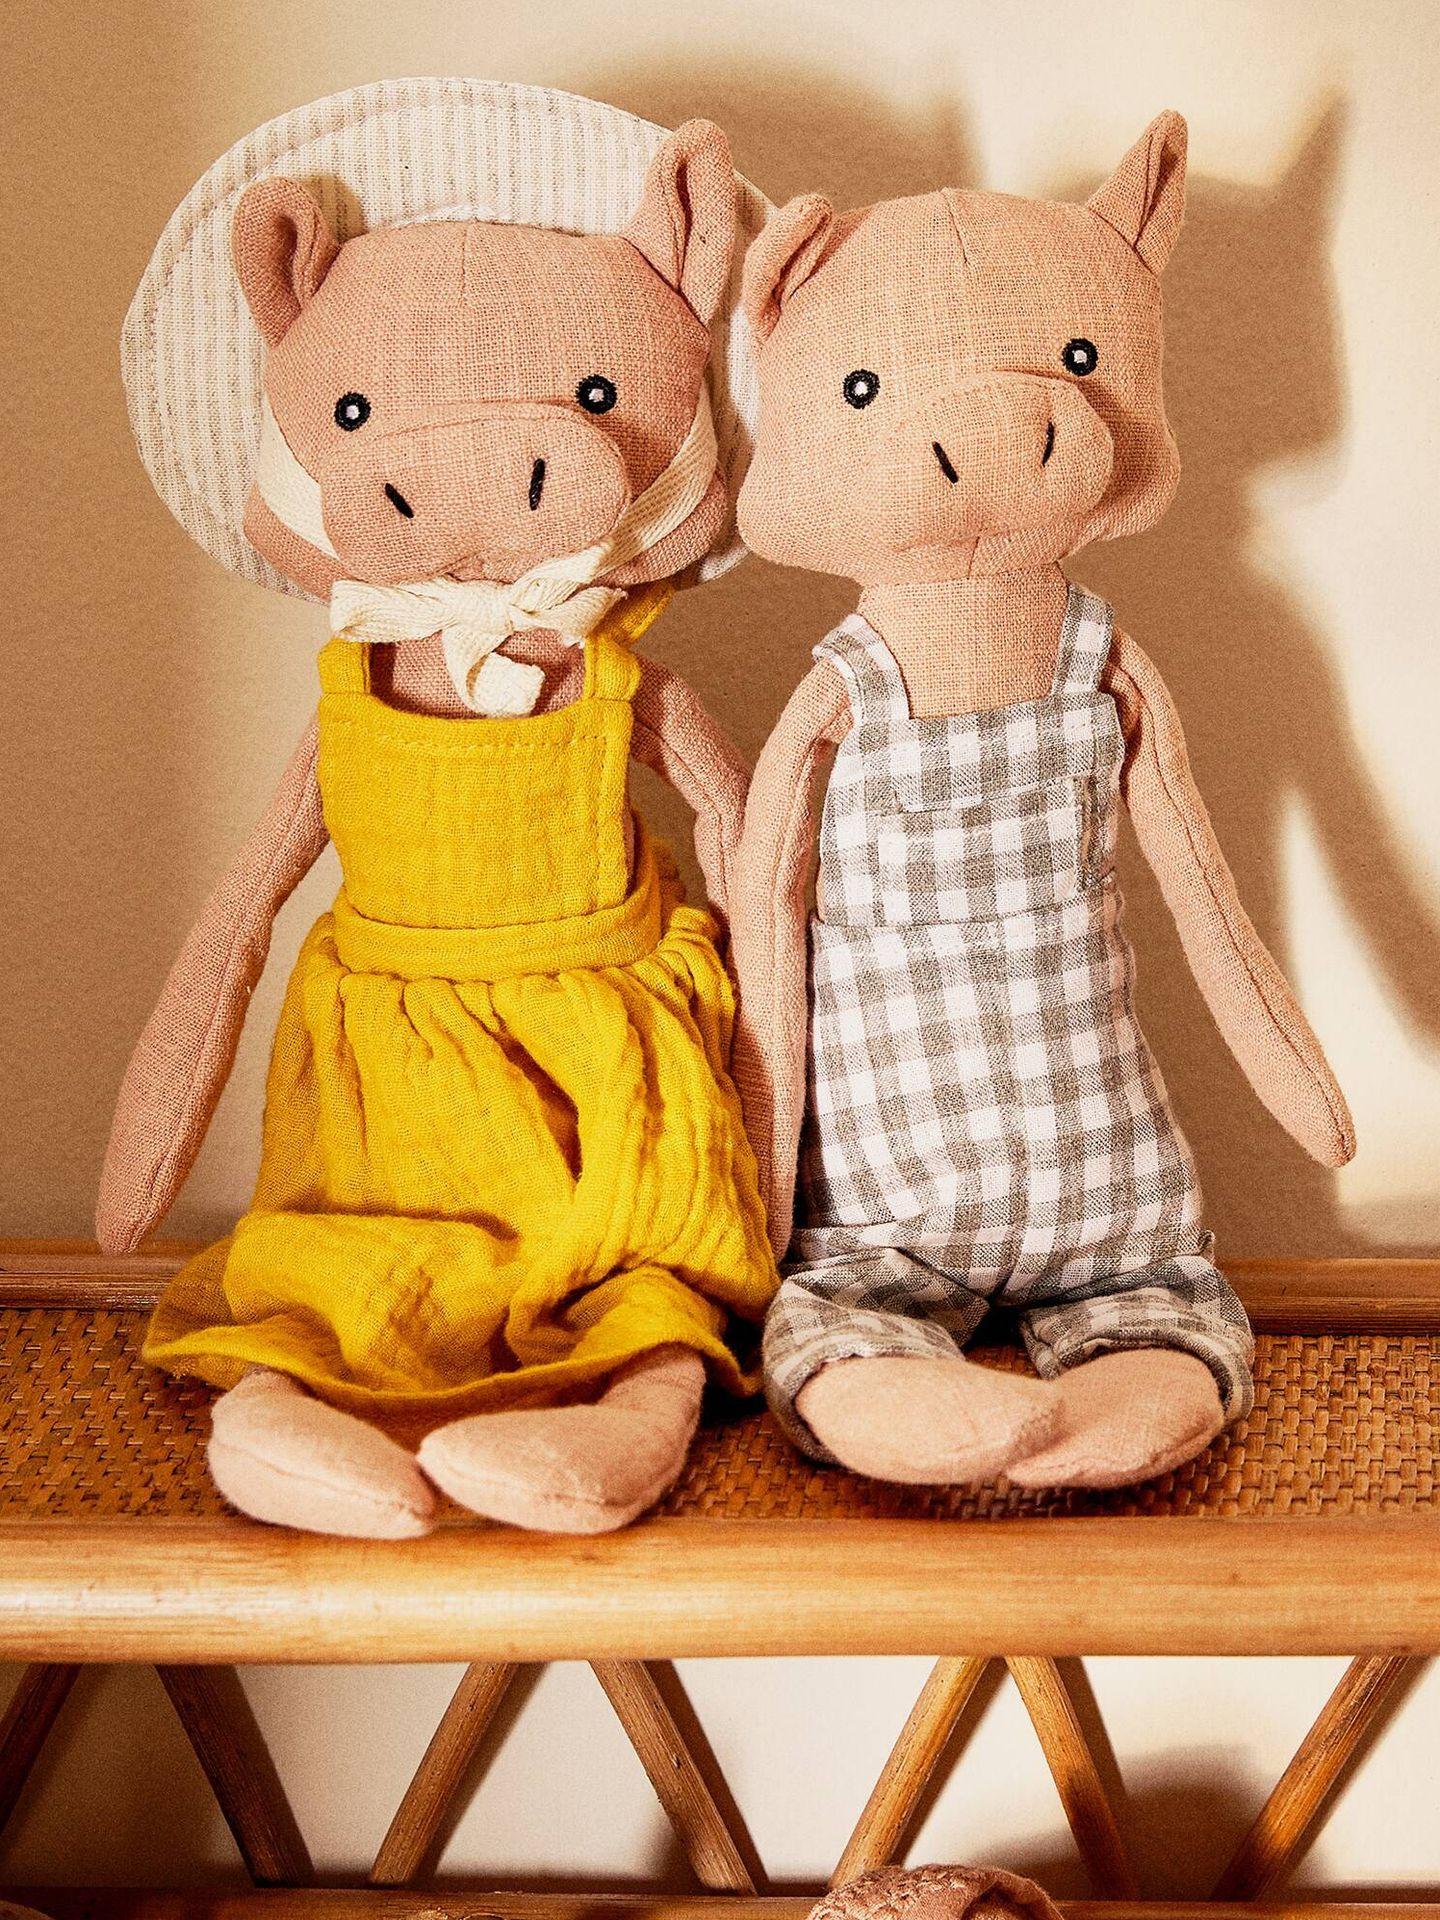 Muñecos con forma de cerdito de Zara Home. (Cortesía)